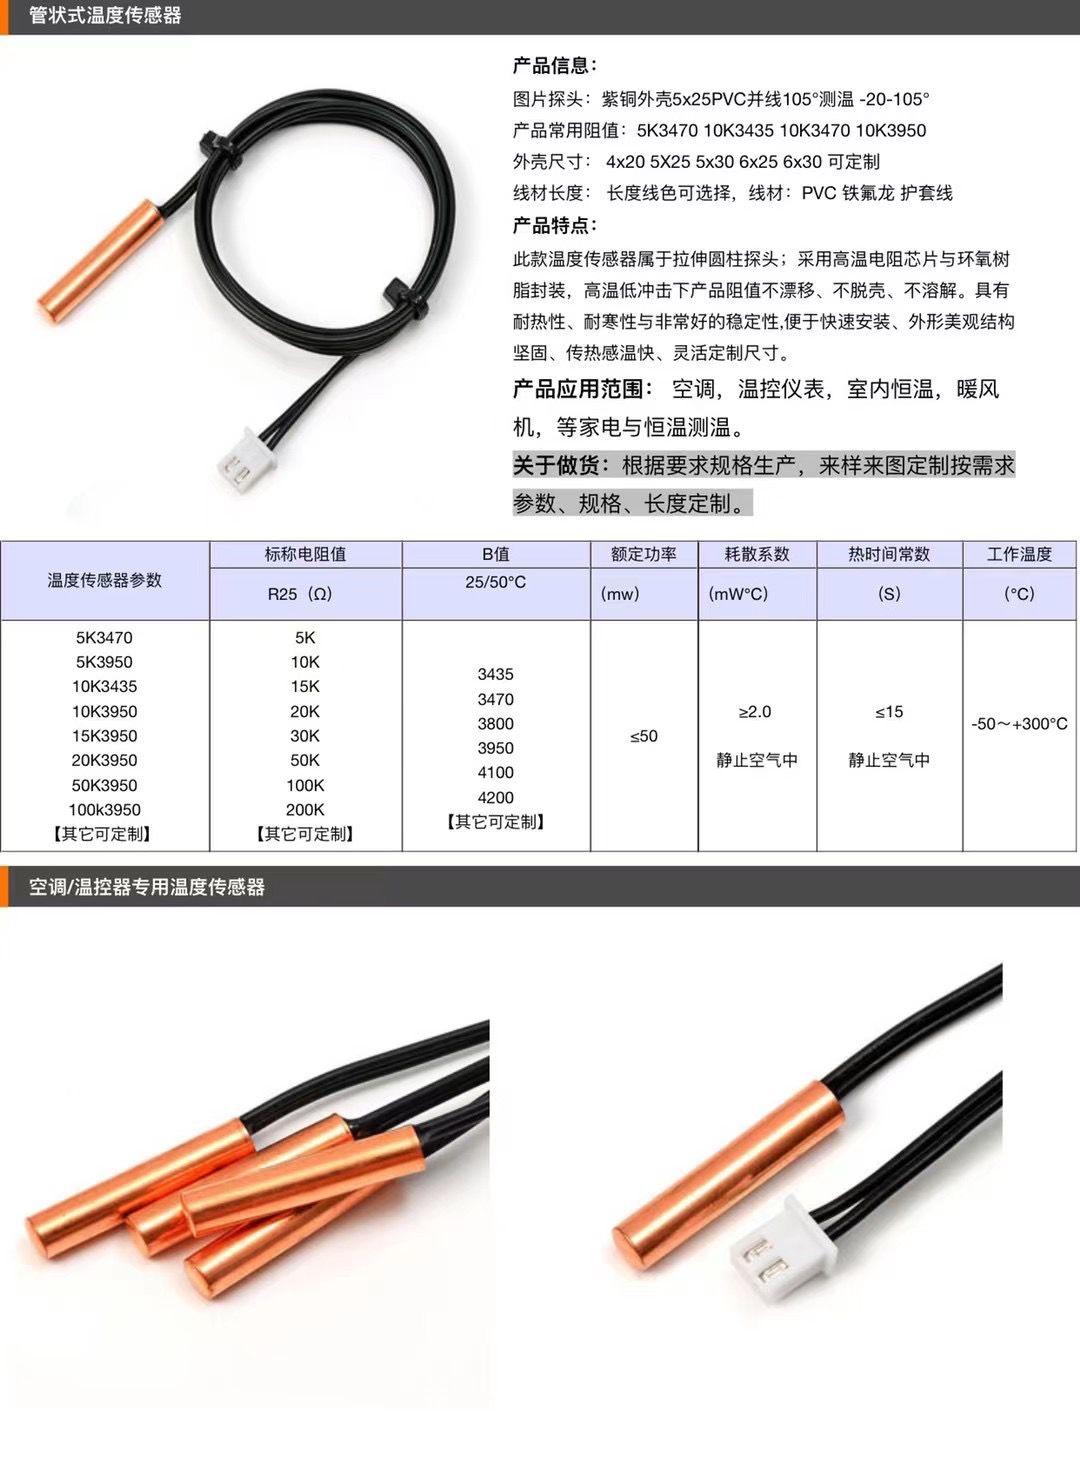 新NTC热敏温度传感器5K3470 10K39501%铁氟龙耐高温线防水探头 2